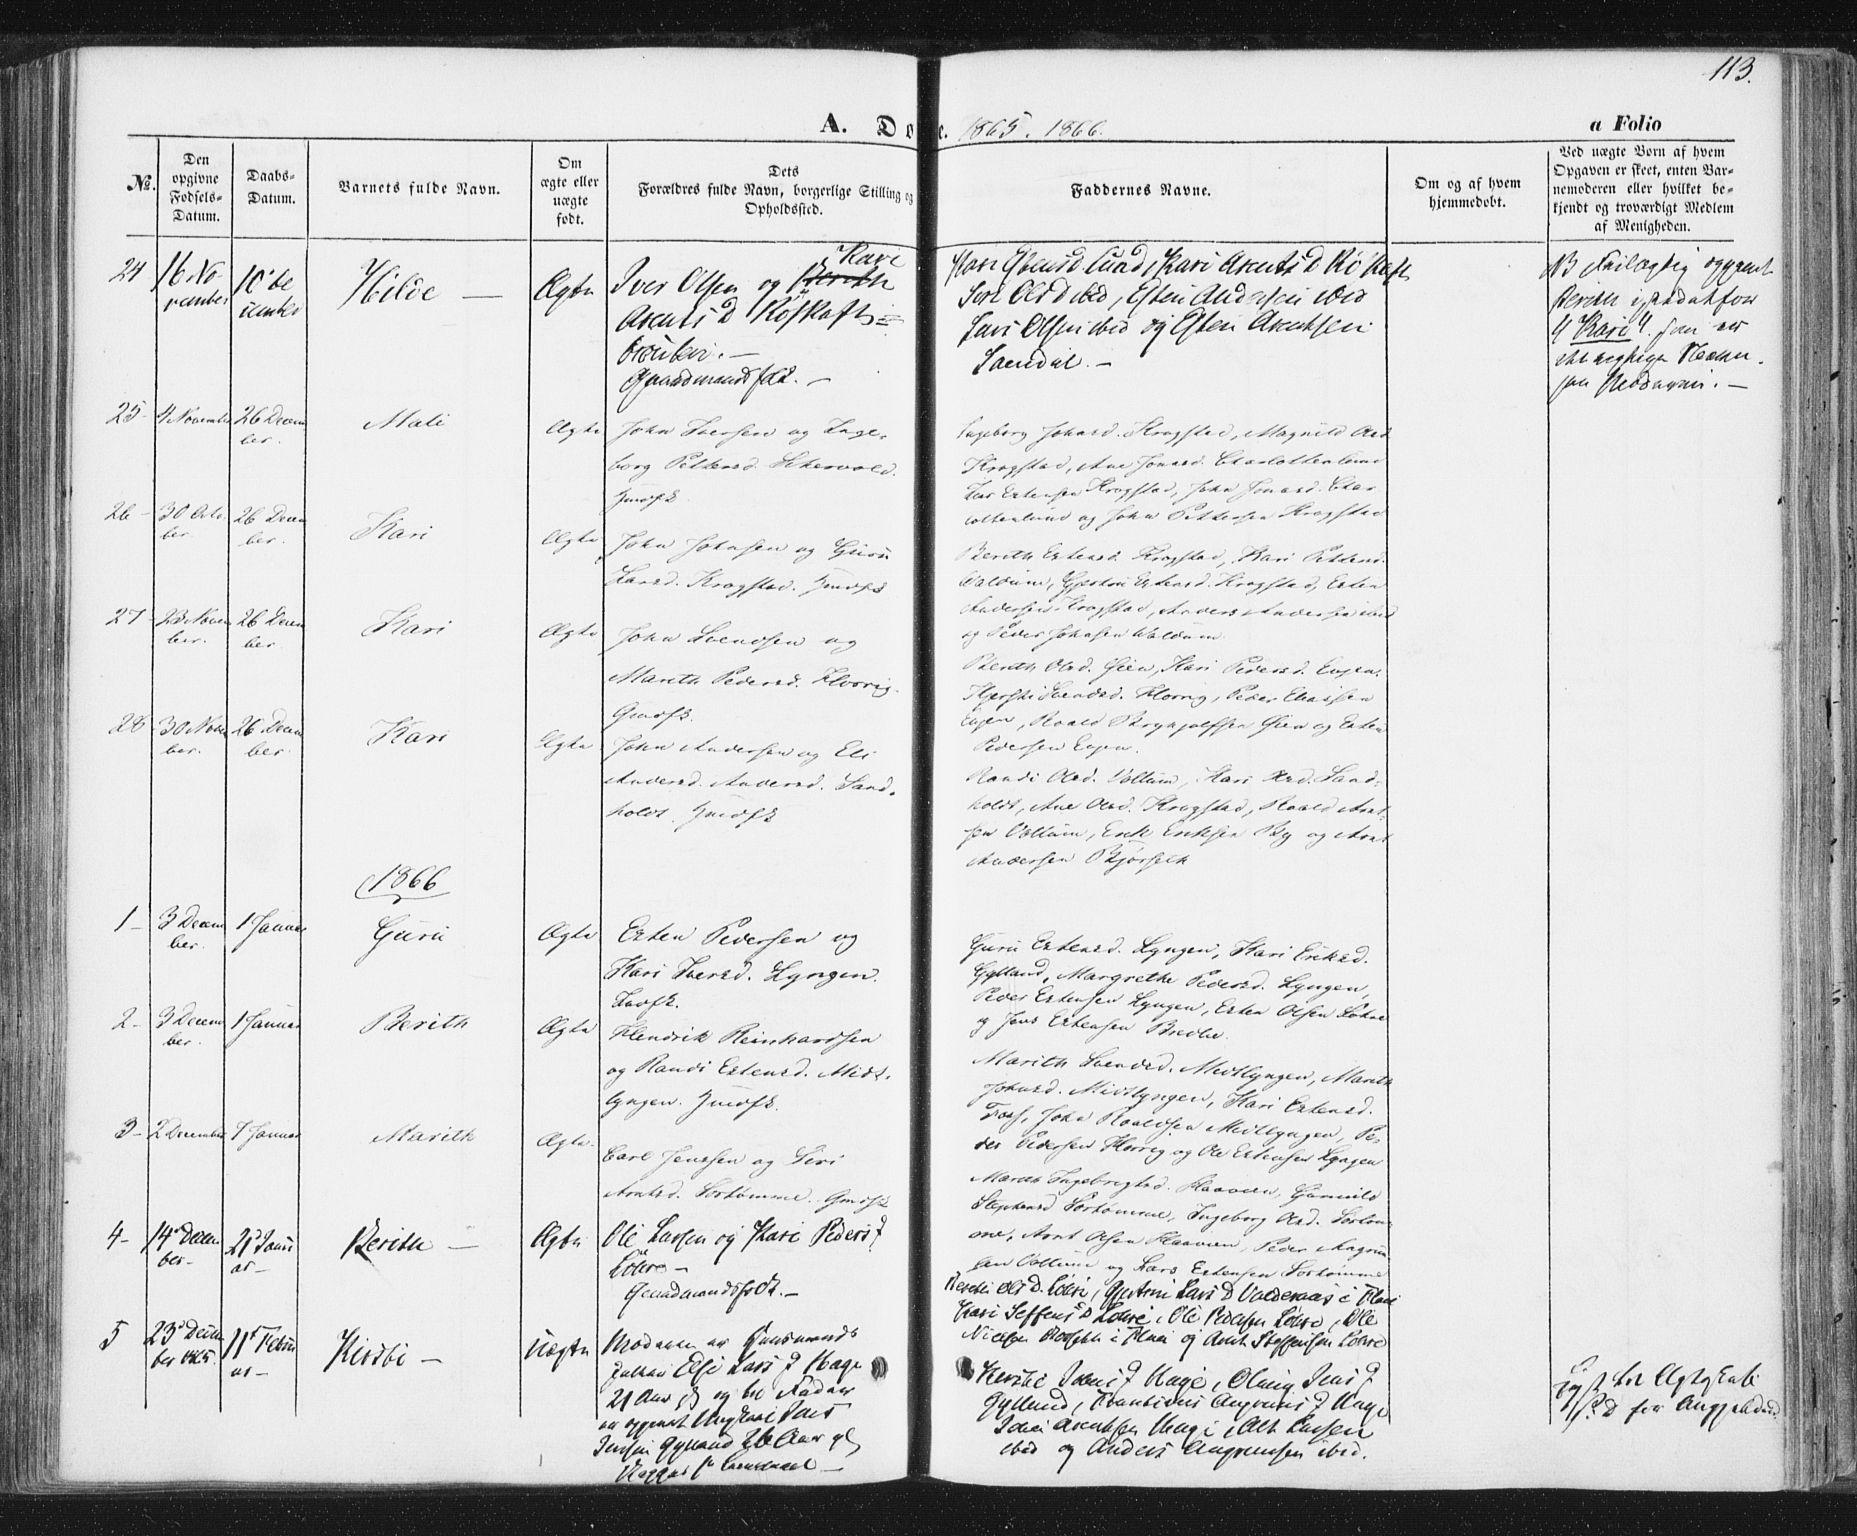 SAT, Ministerialprotokoller, klokkerbøker og fødselsregistre - Sør-Trøndelag, 692/L1103: Ministerialbok nr. 692A03, 1849-1870, s. 113